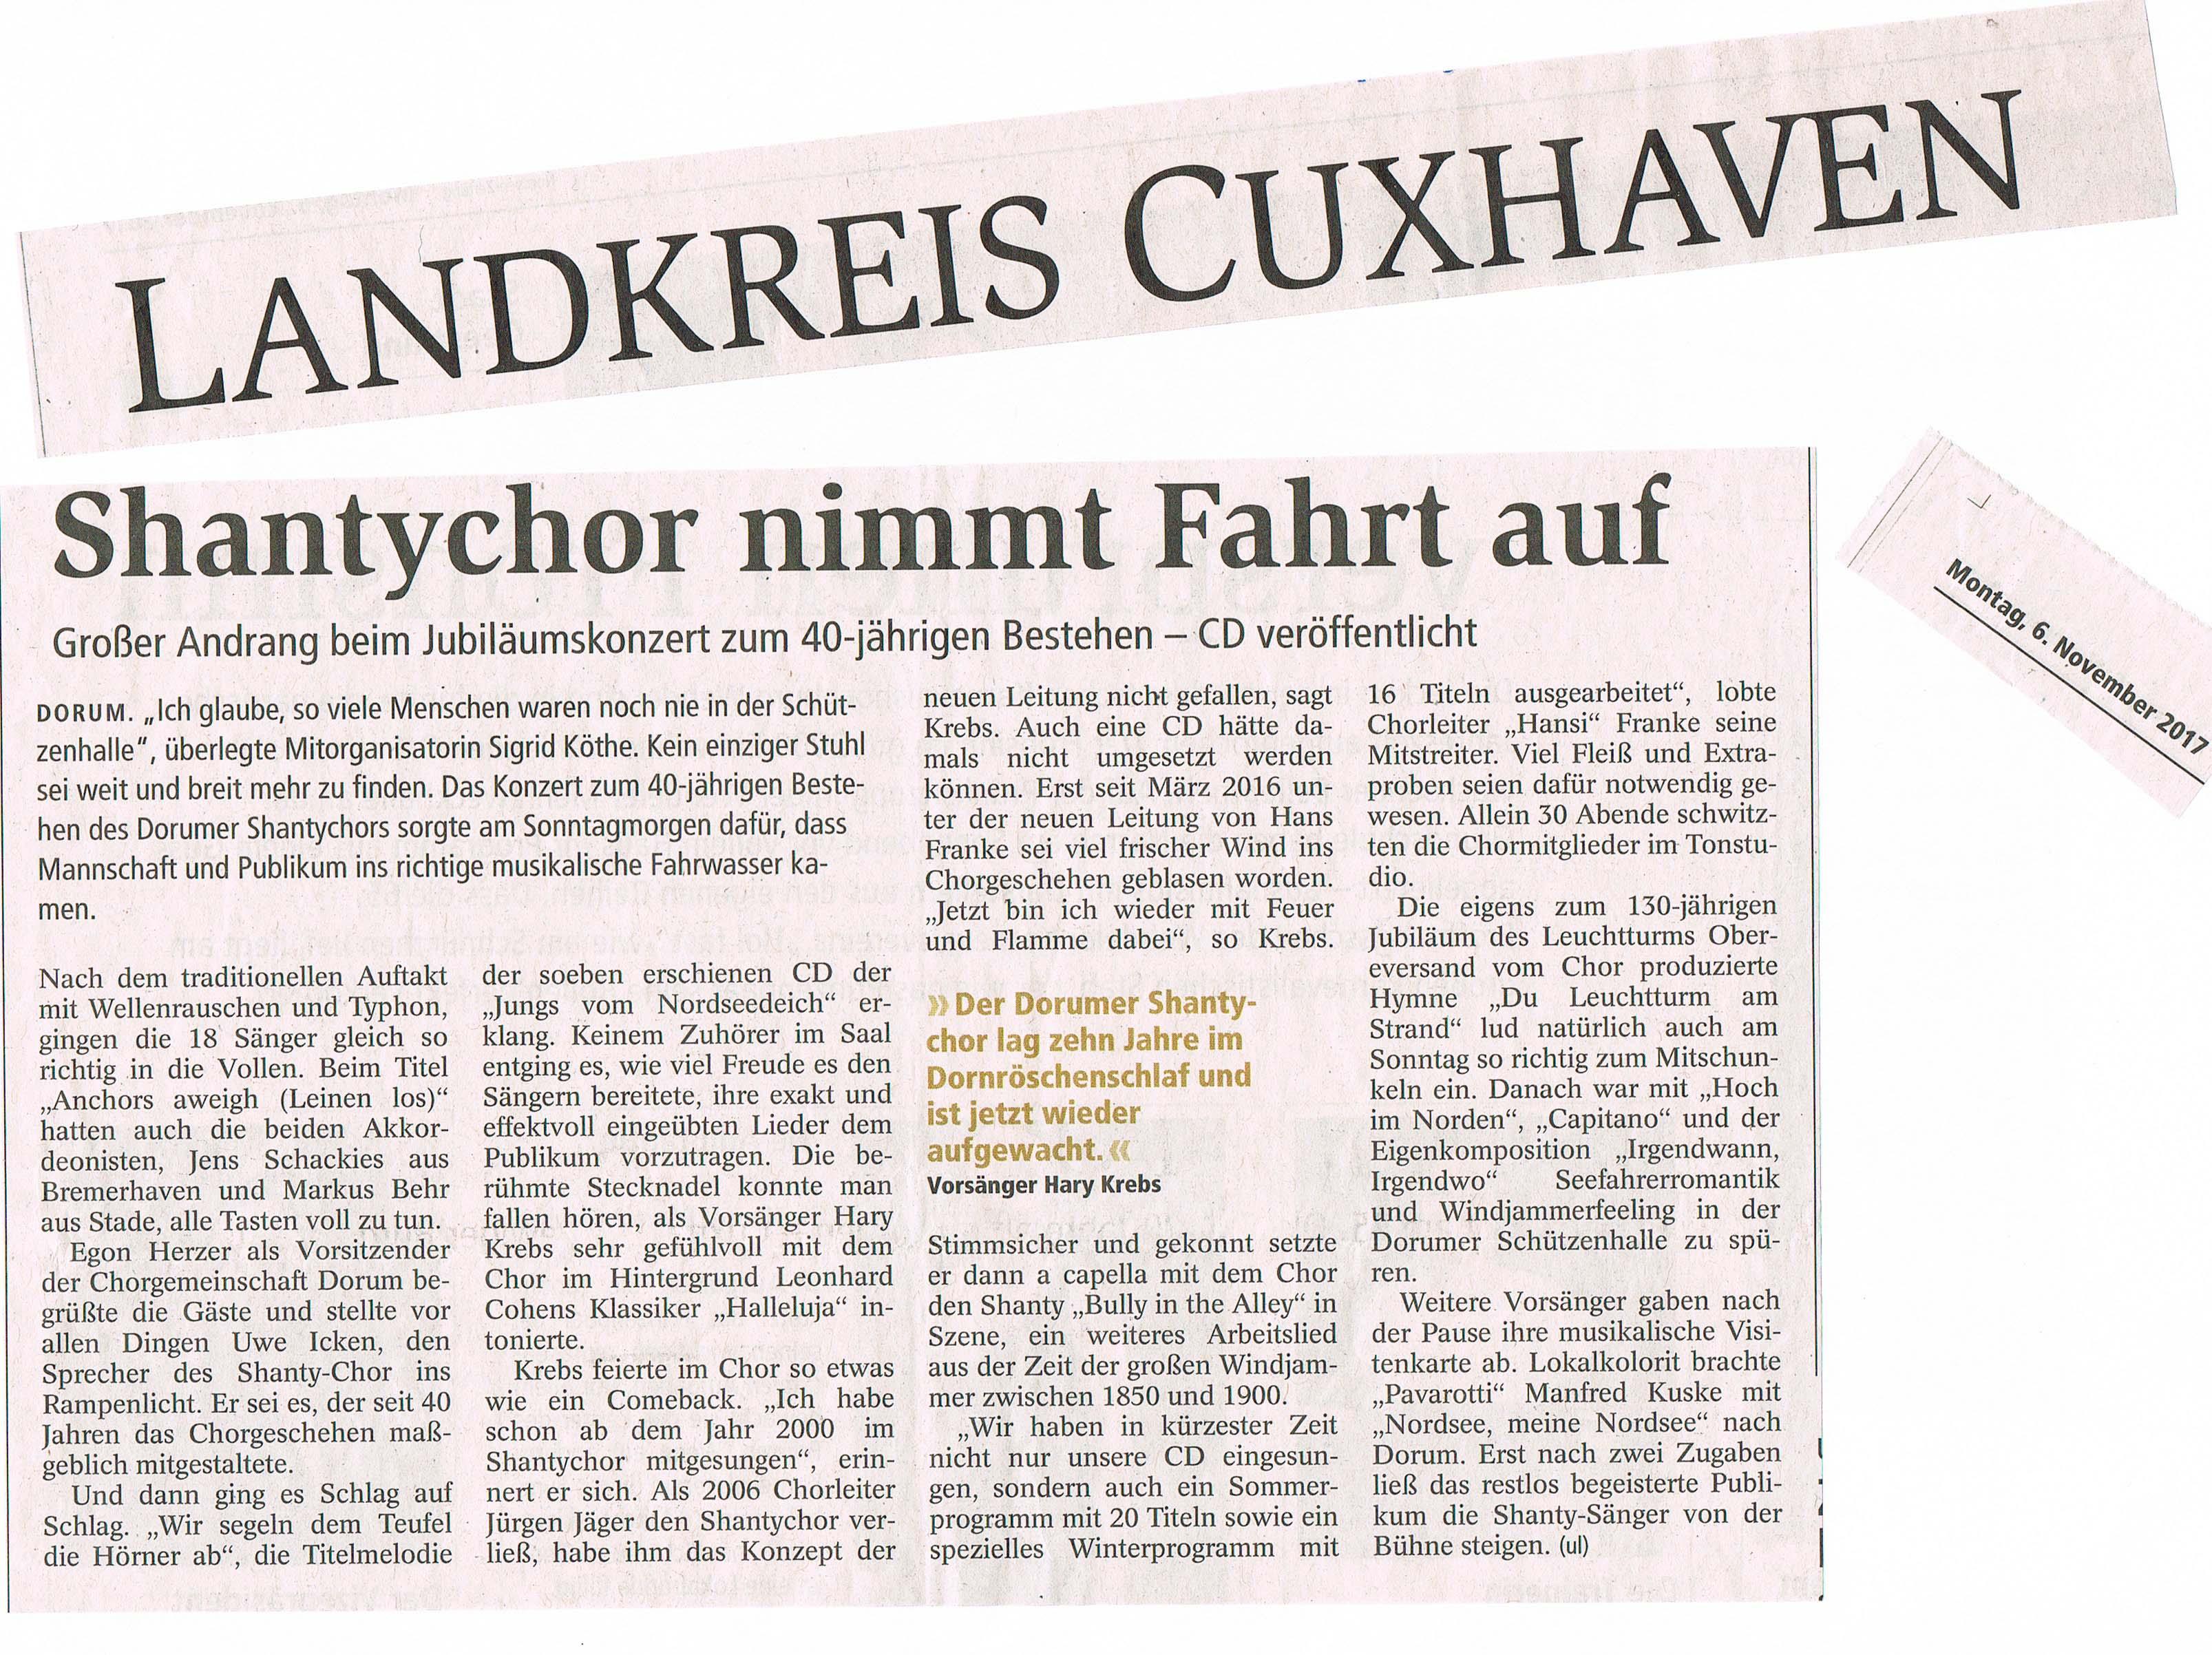 Presse 2 neu 40 Jahre Shantychor Dorum